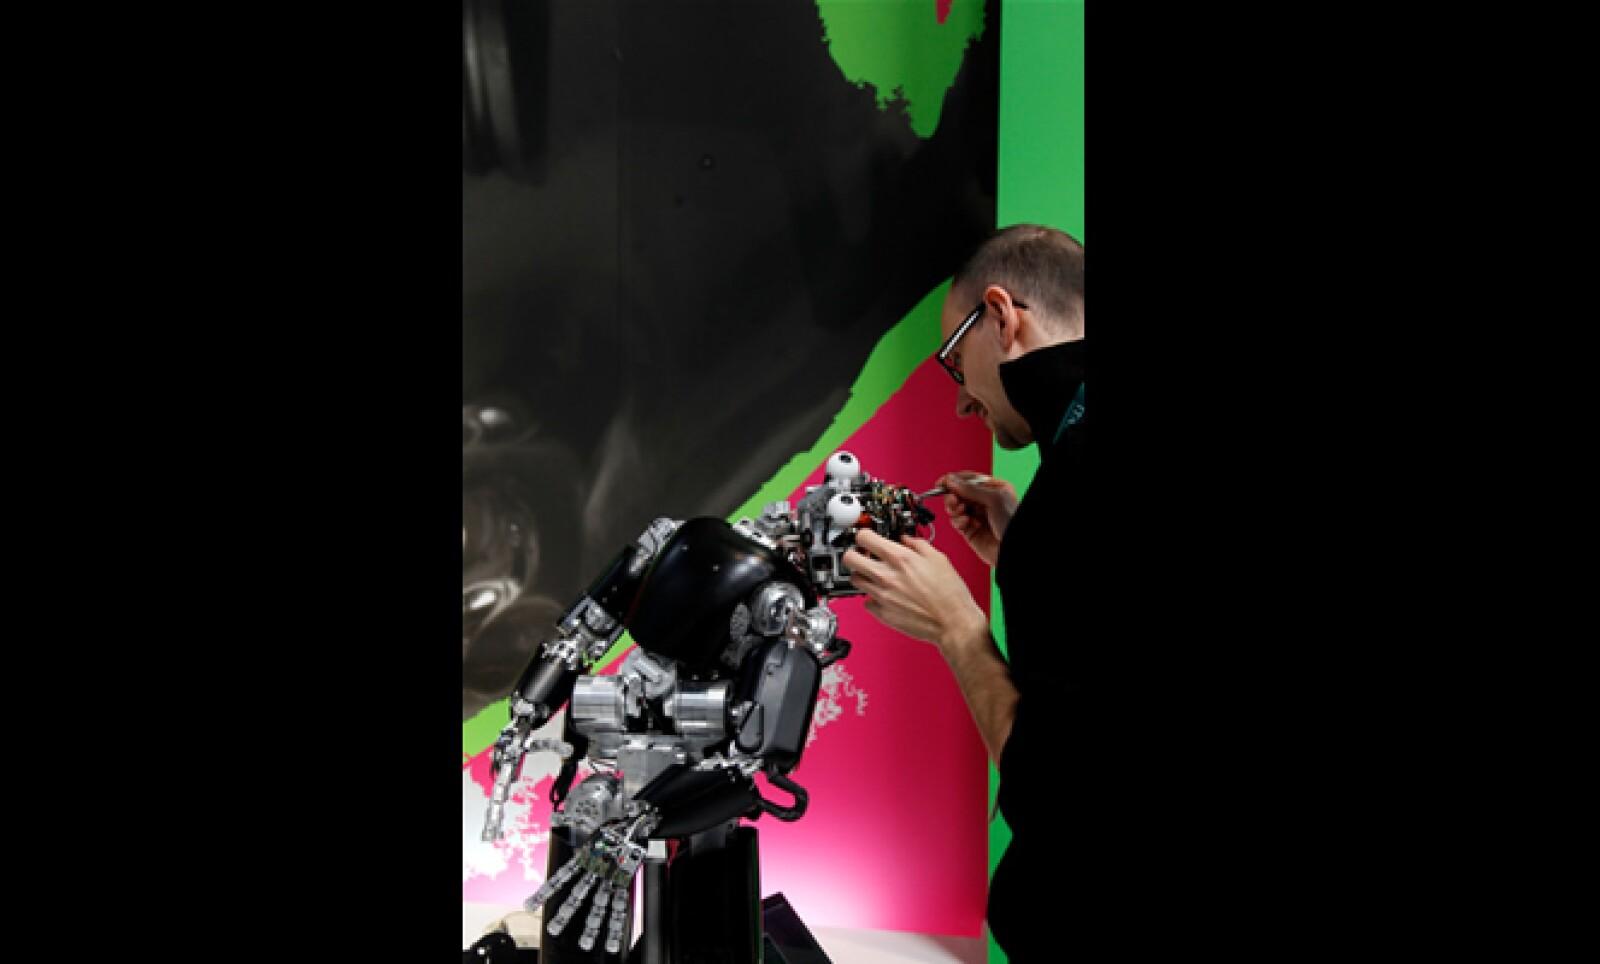 Un técnico limpia a su robot justo antes de su presentación en la feria.